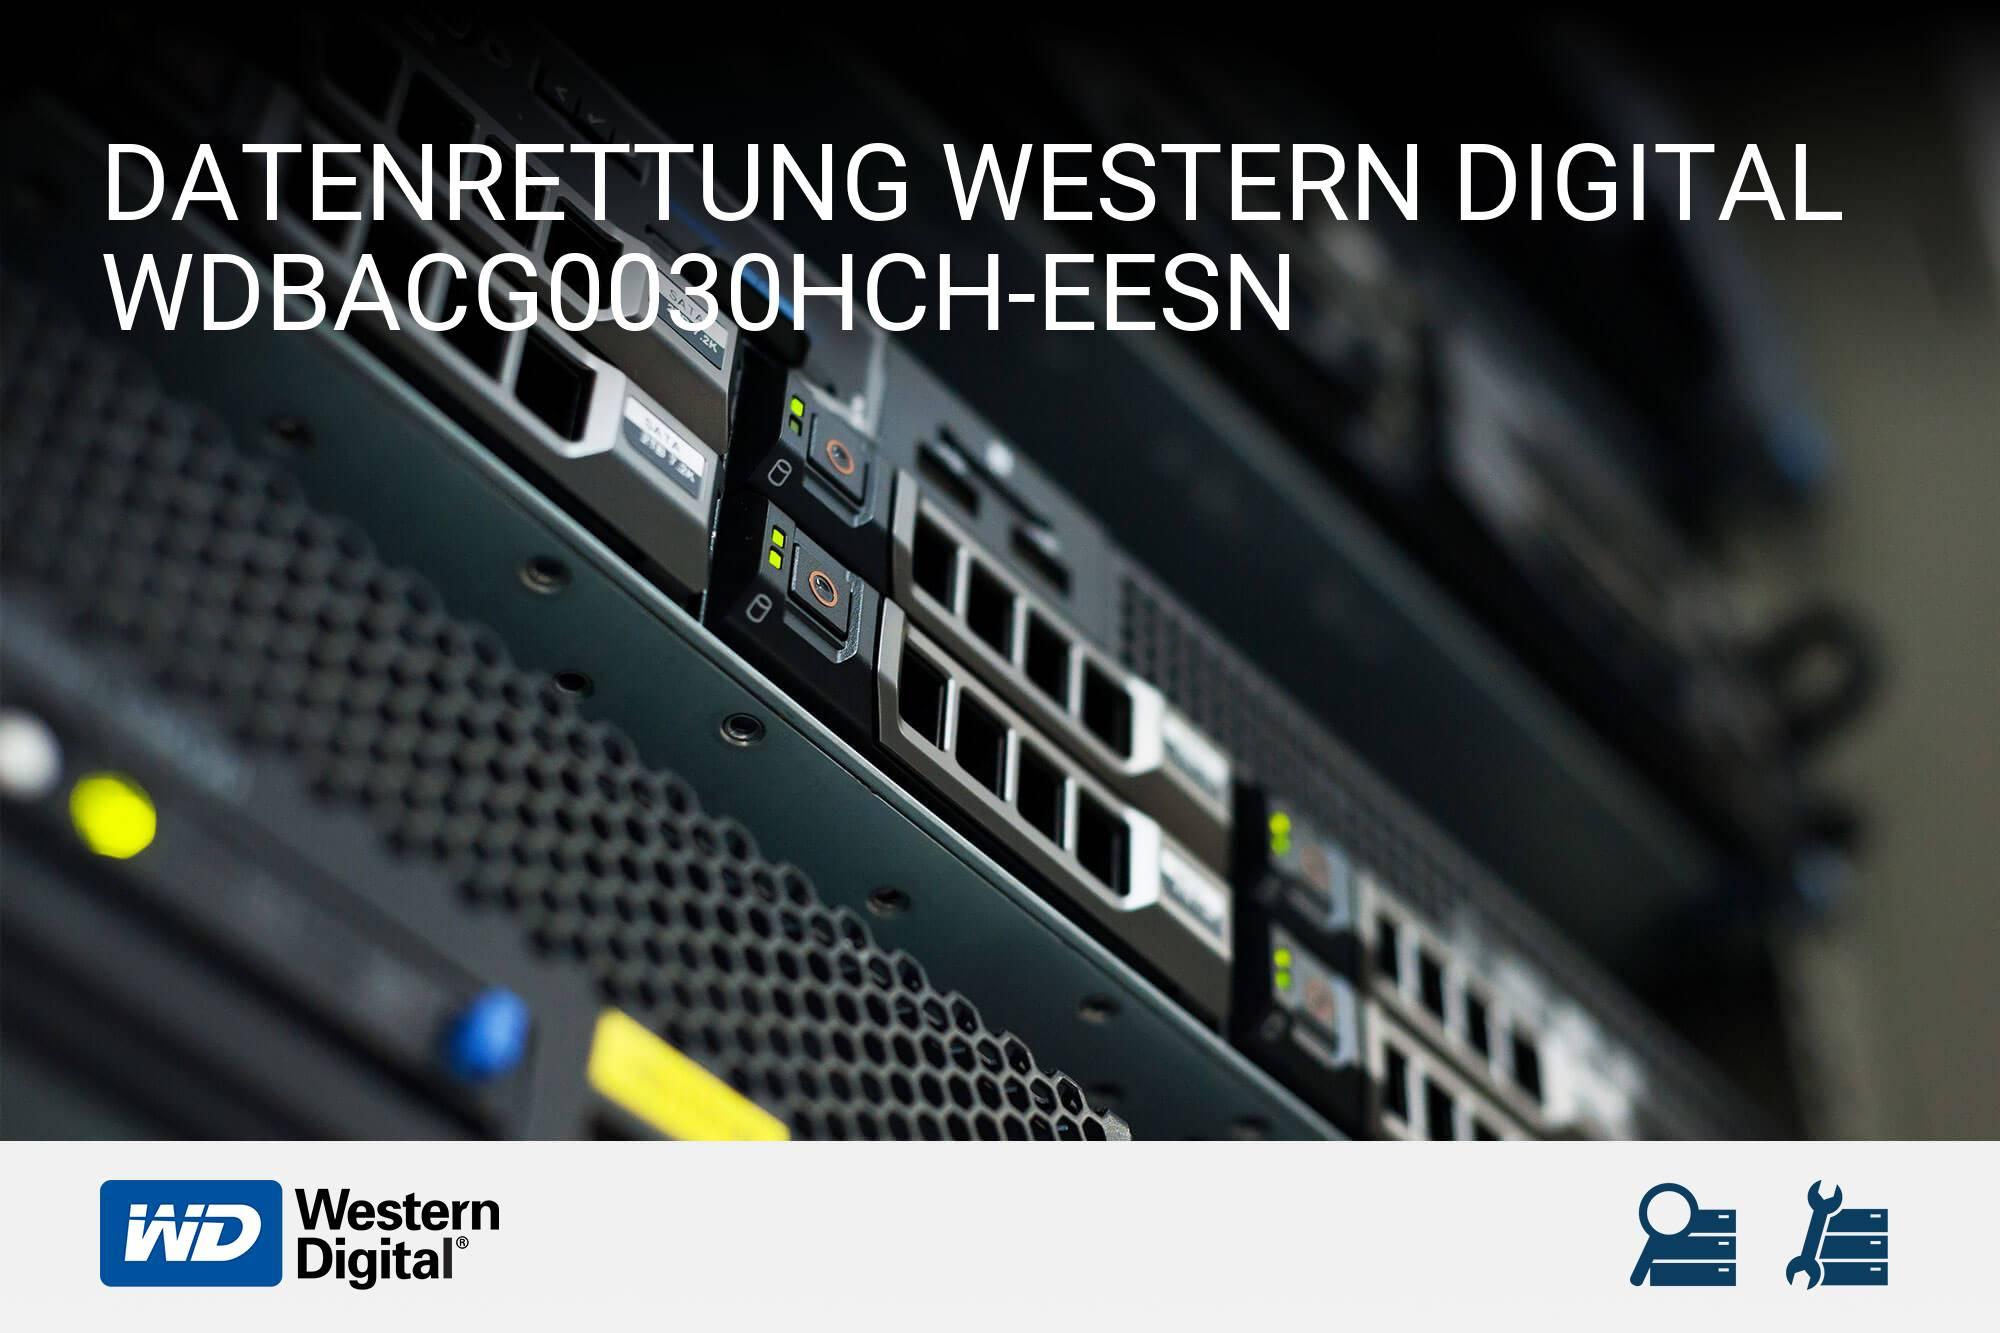 Western Digital WDBACG0030HCH-EESN